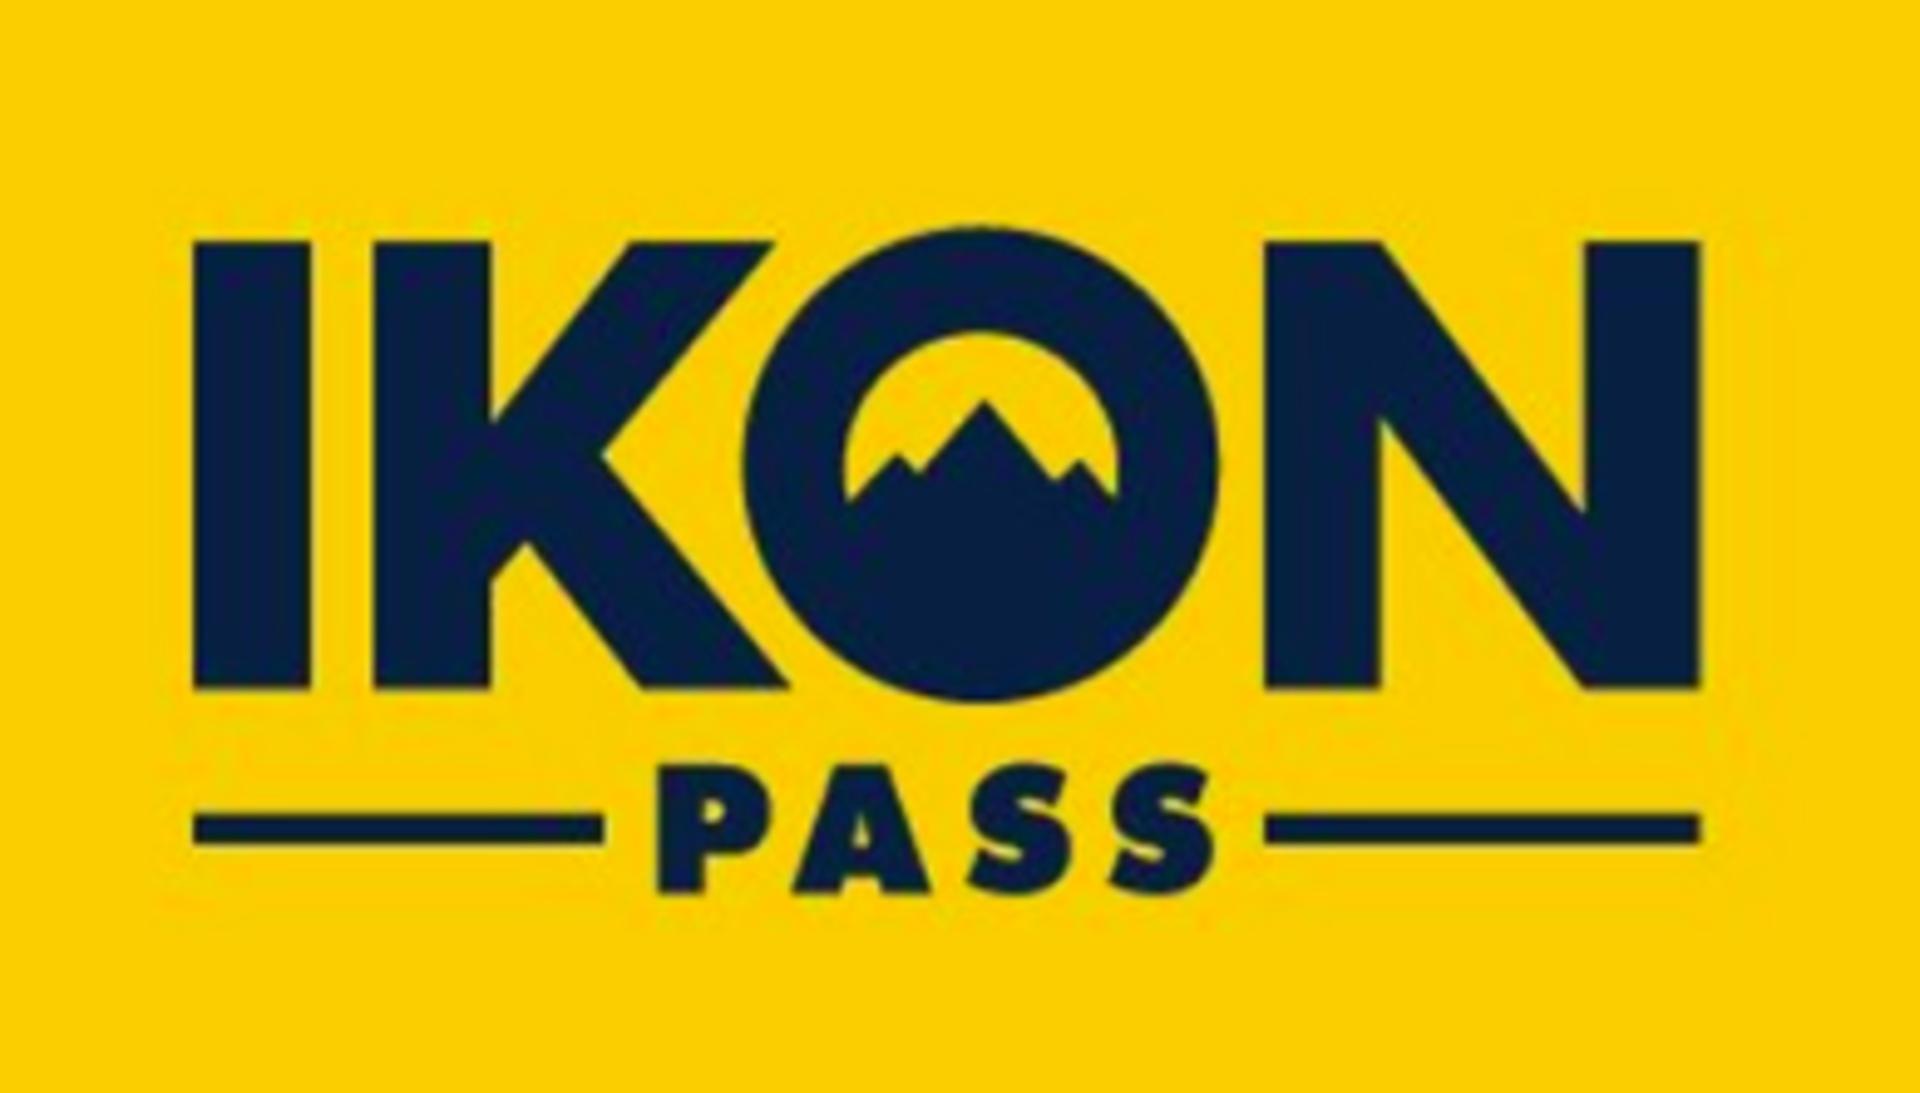 #IkonPass: Deer Valley, Aspen/Snowmass and 23 ski resorts